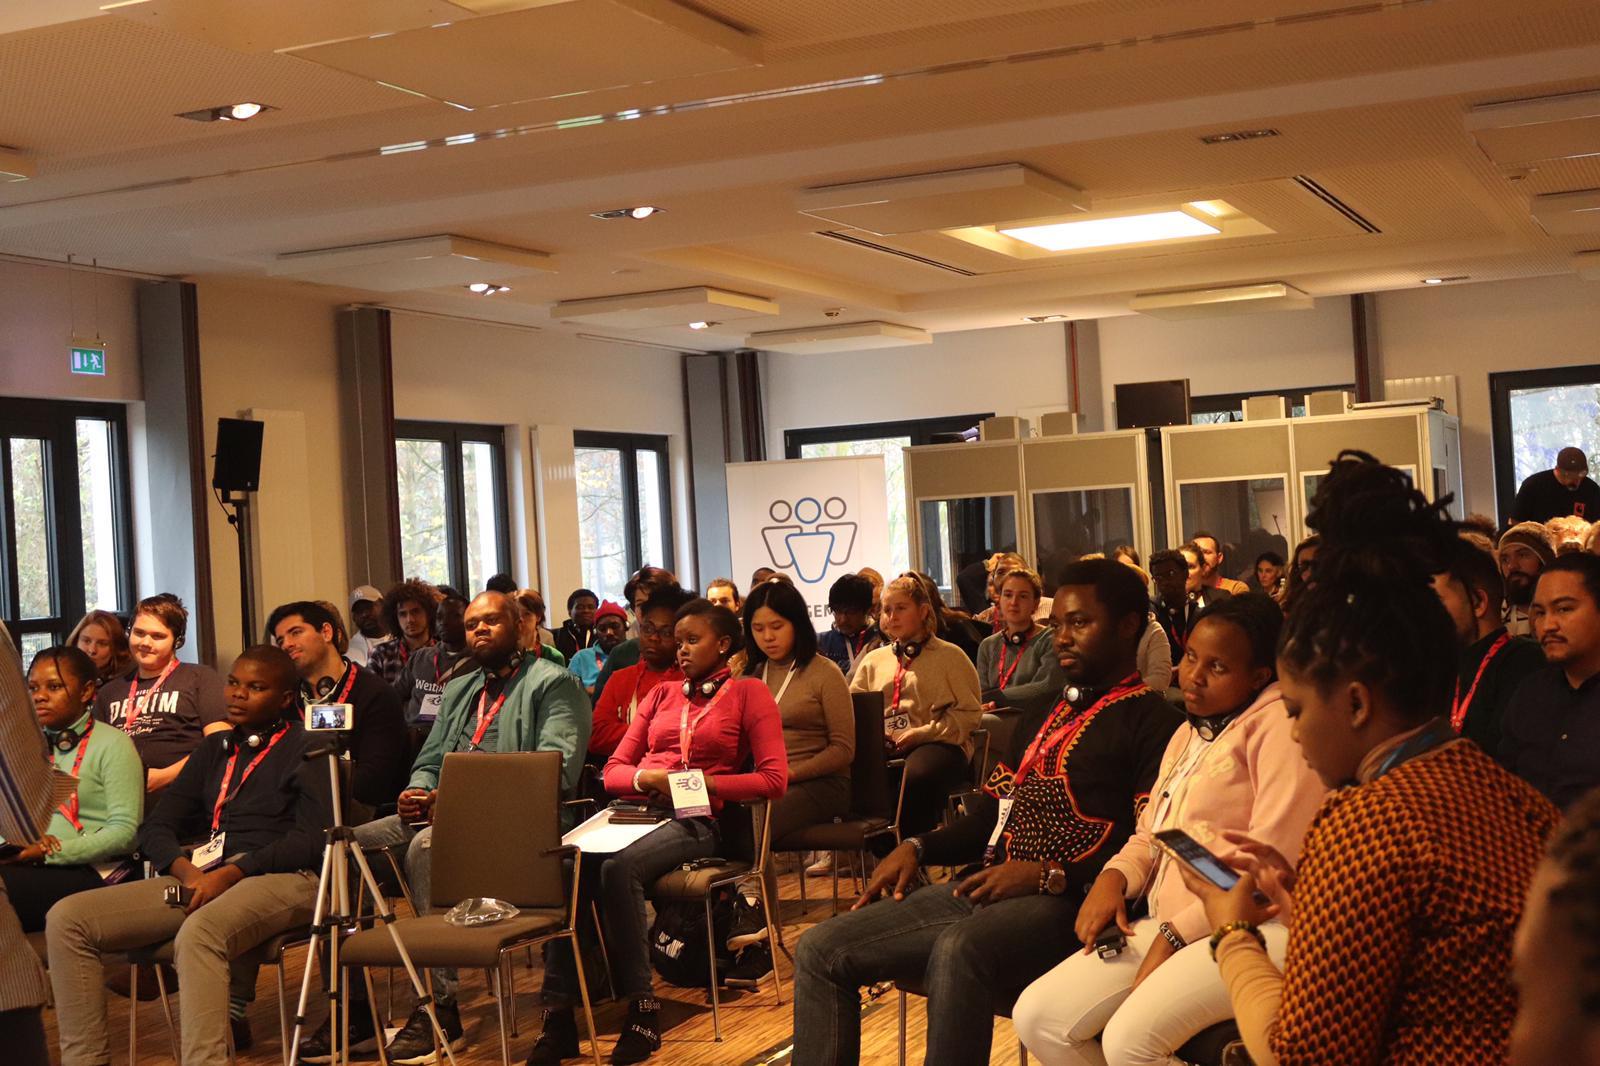 Lancement des activités de la Conférence internationale Countdown 2030 & Beyond à Cologne.